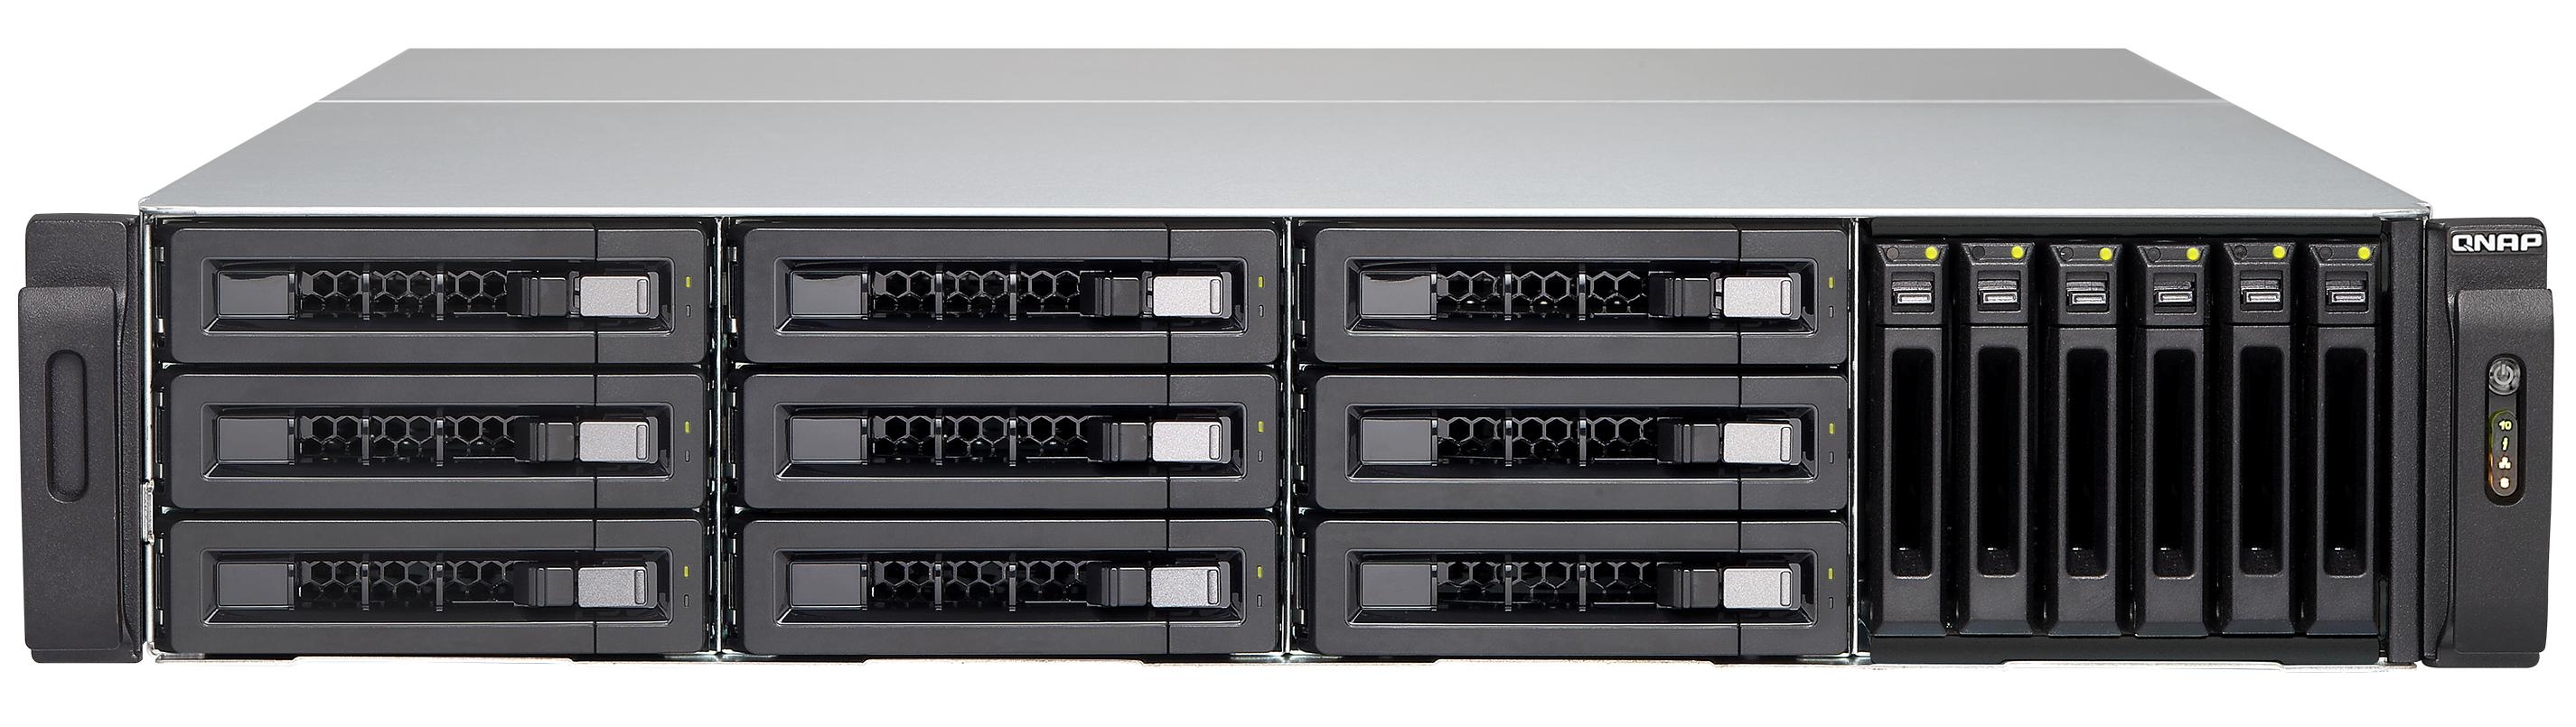 Novi Qnap TVS-EC1580MU-SAS-RP omogoča vgradnjo 15 SATA/SAS/SSD diskov.